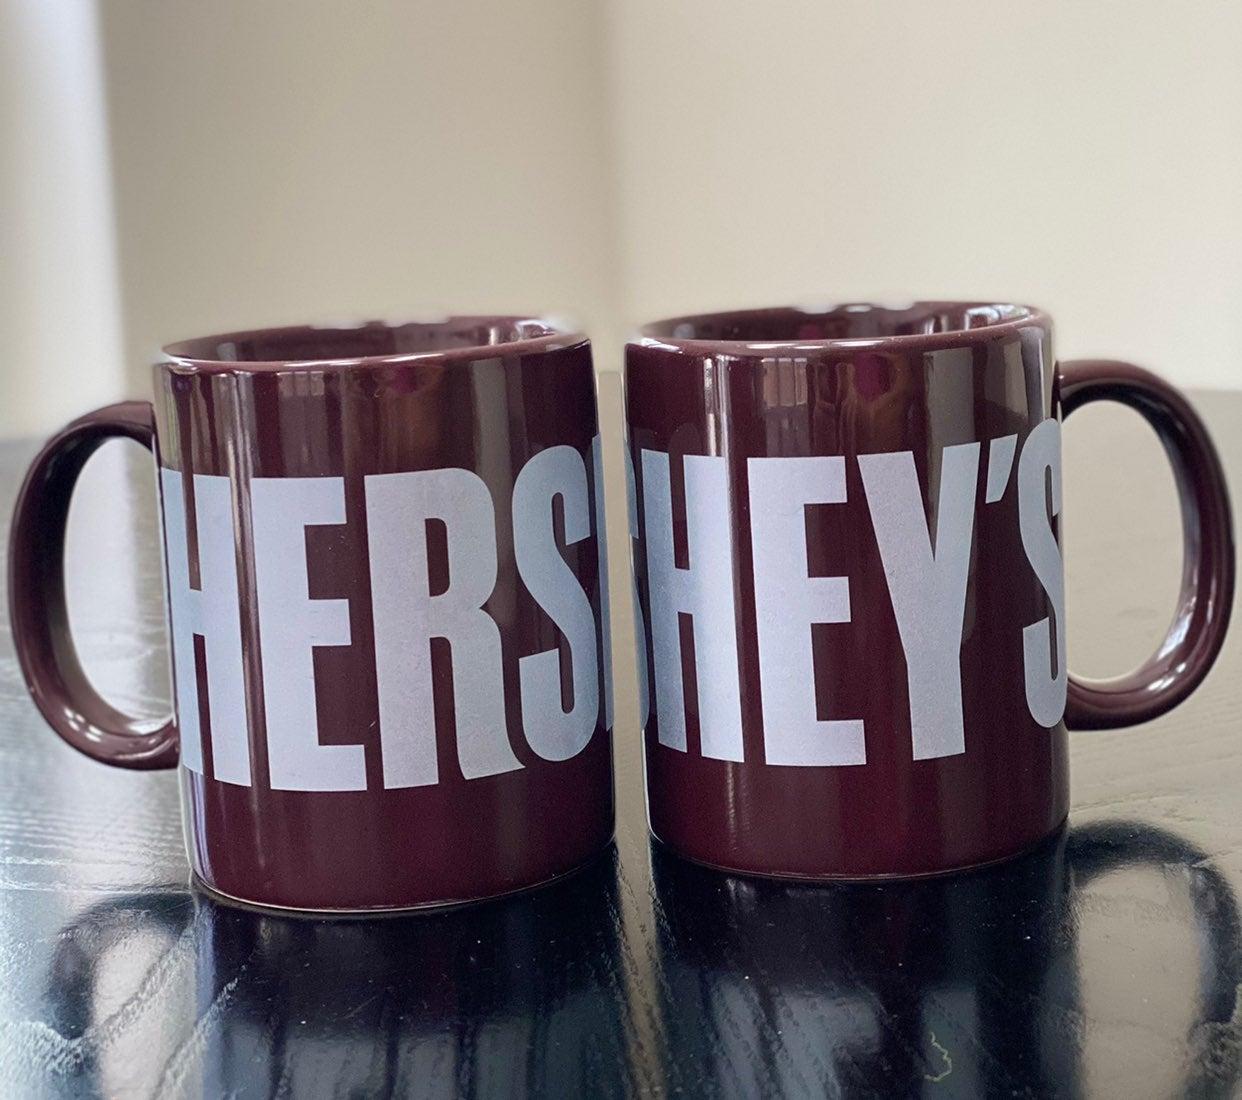 Hershey's Mugs Set of 2